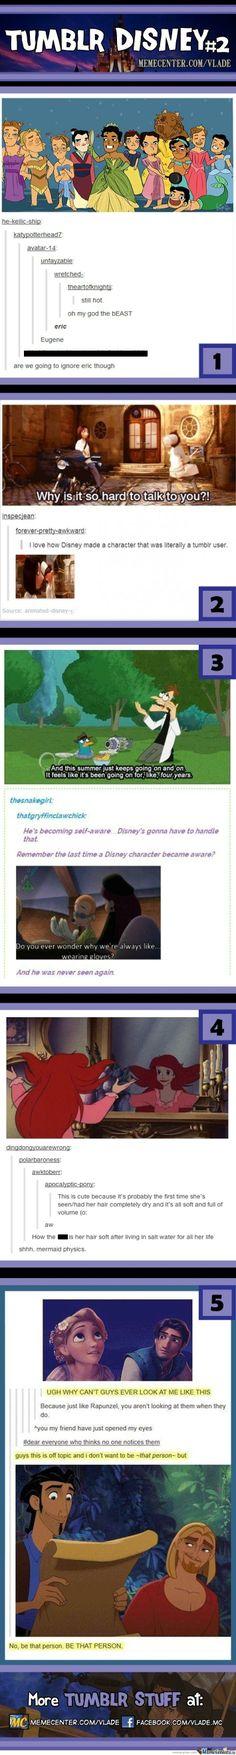 Hahaha Tumblr posts